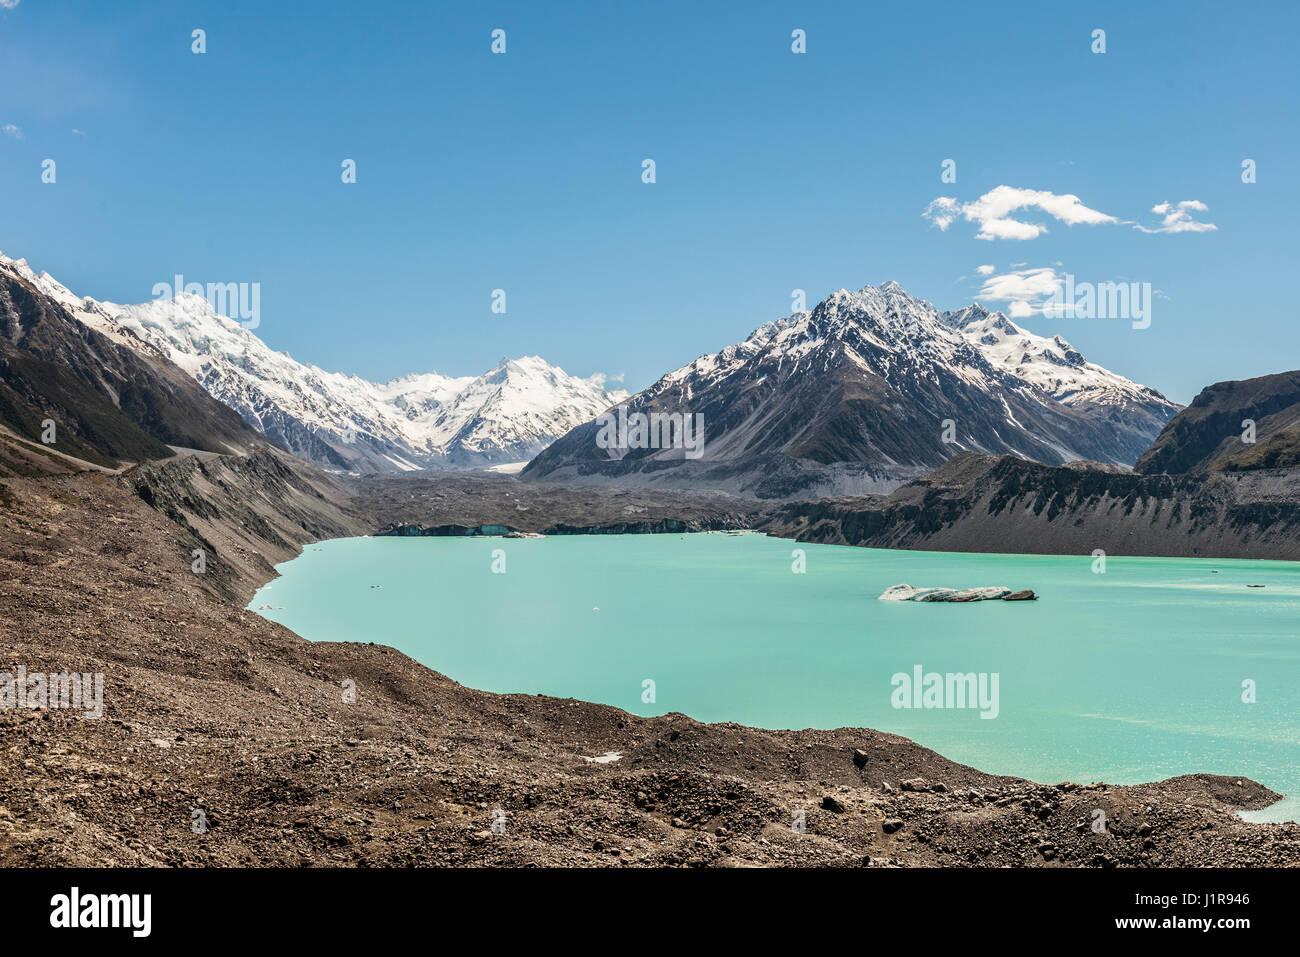 El Glaciar Tasman y turquesa lago glaciar, Monte Tasman, el Parque Nacional de Monte Cook, Alpes del Sur, la región Imagen De Stock